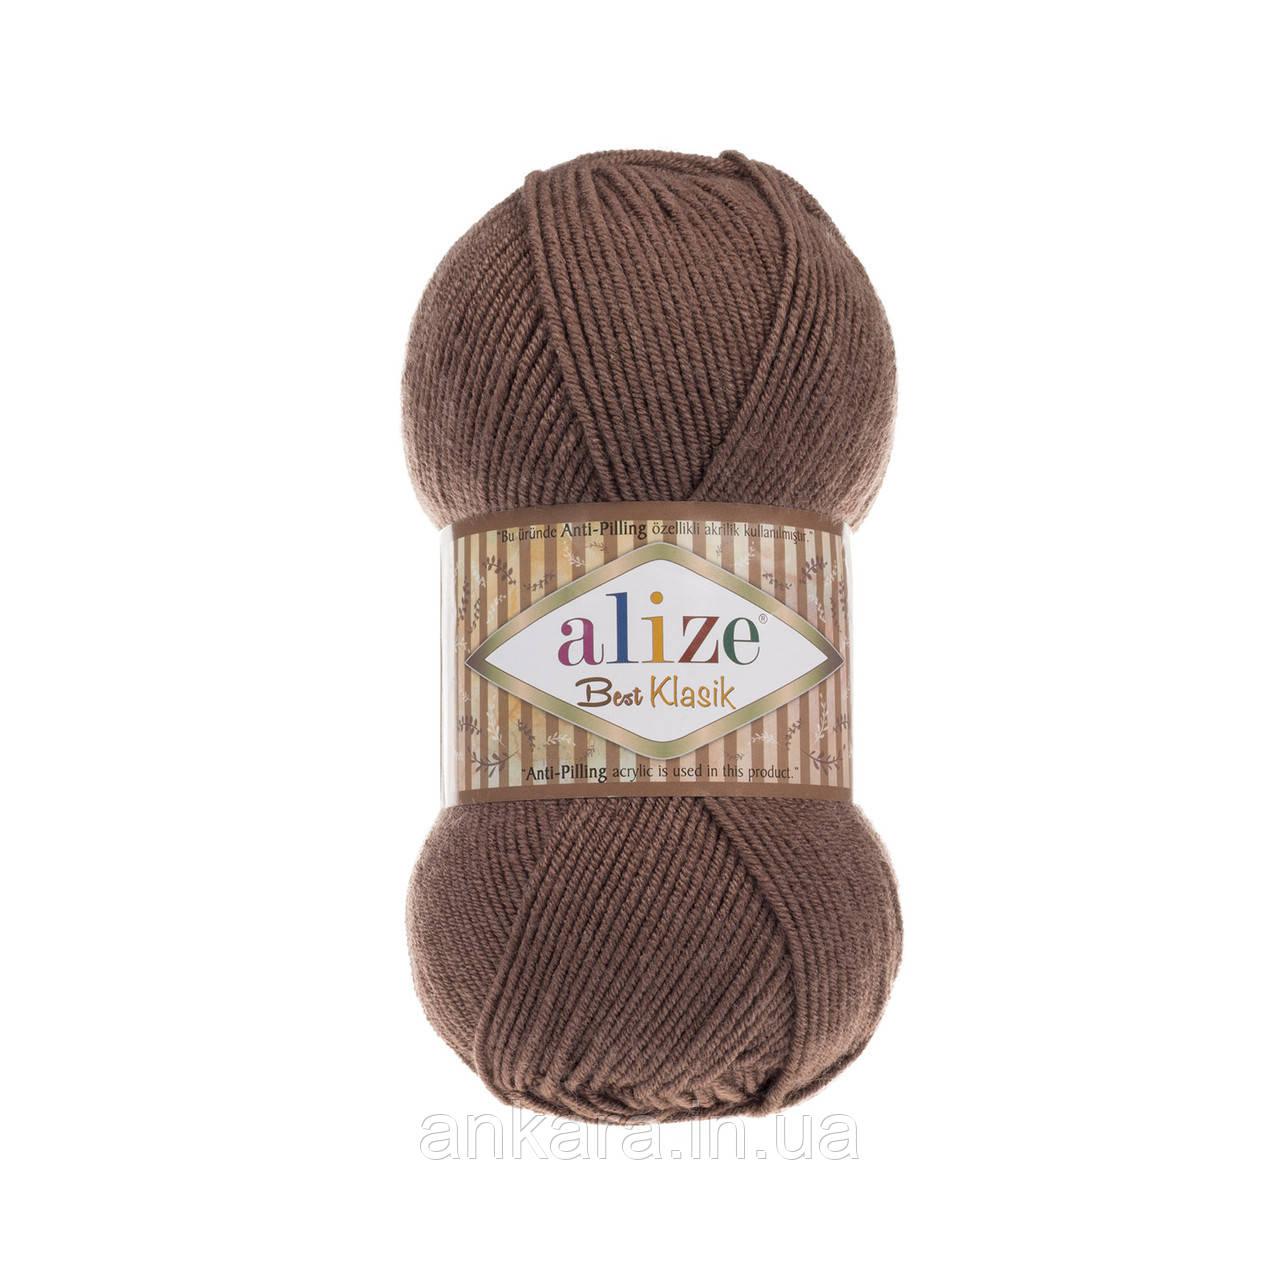 Alize Best Klasik 534